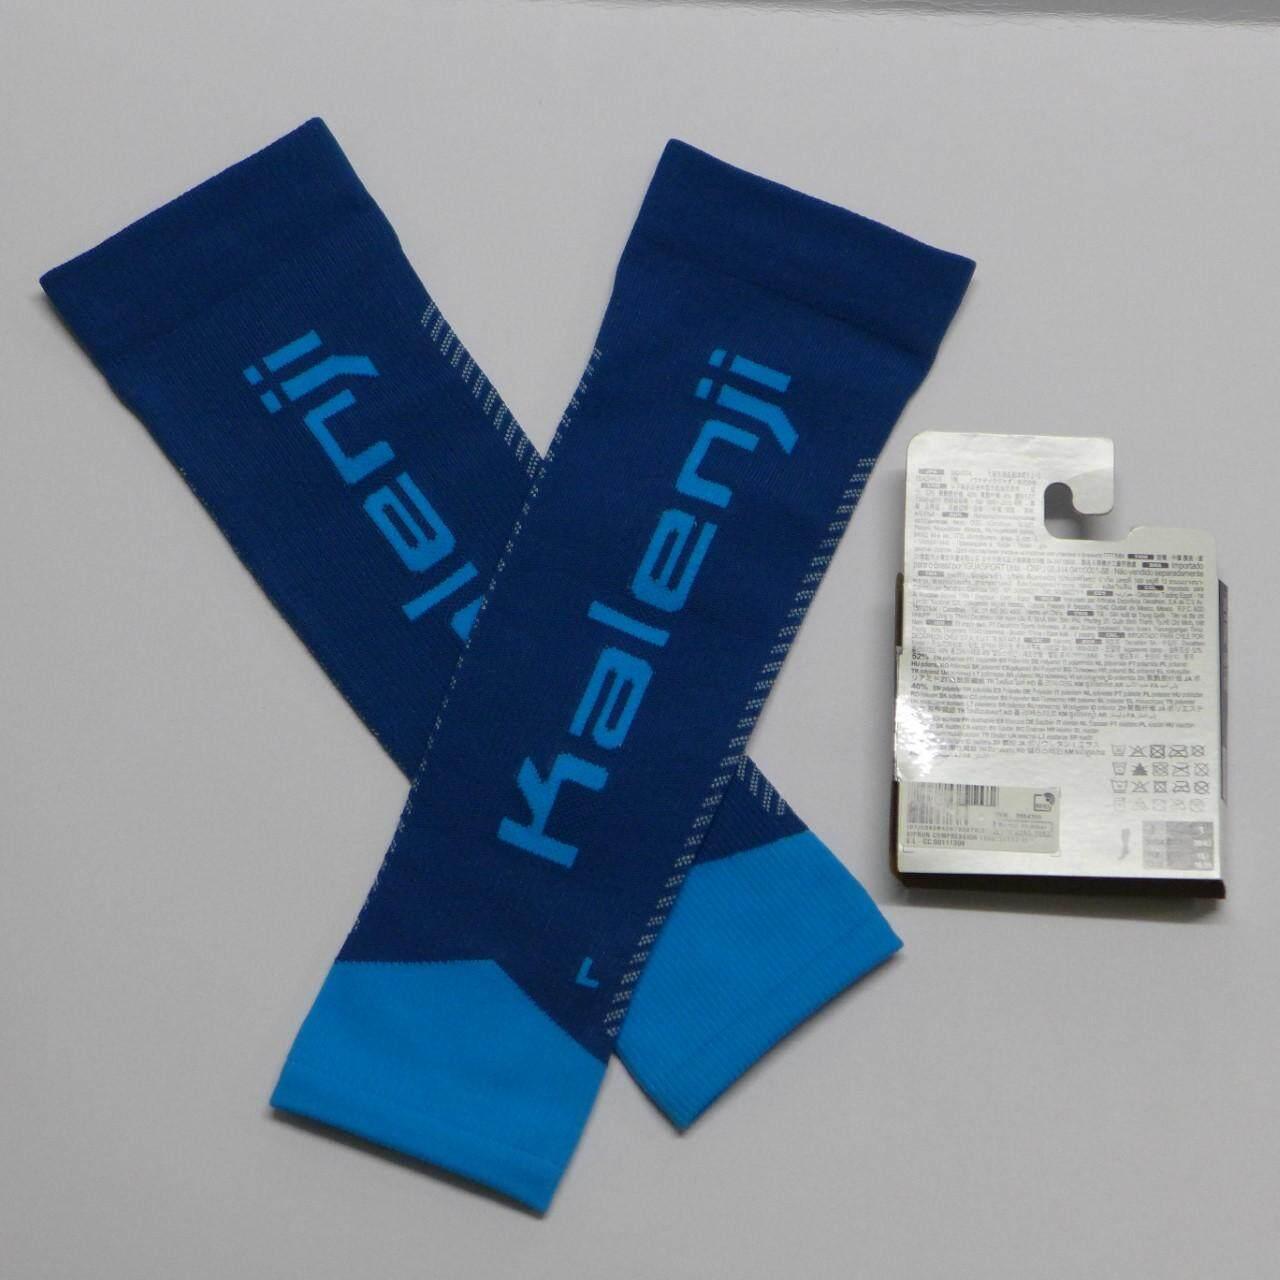 **จัดส่งฟรี**ปลอกขา ปลอกรัดขา ปลอกรัดน่อง ปลอกขารัดกล้ามเนื้อ กระชับกล้ามเนื้อน่อง ปลอกขารัดกล้ามเนื้อน่อง รุ่น KIPRUN(สีน้ำเงิน)